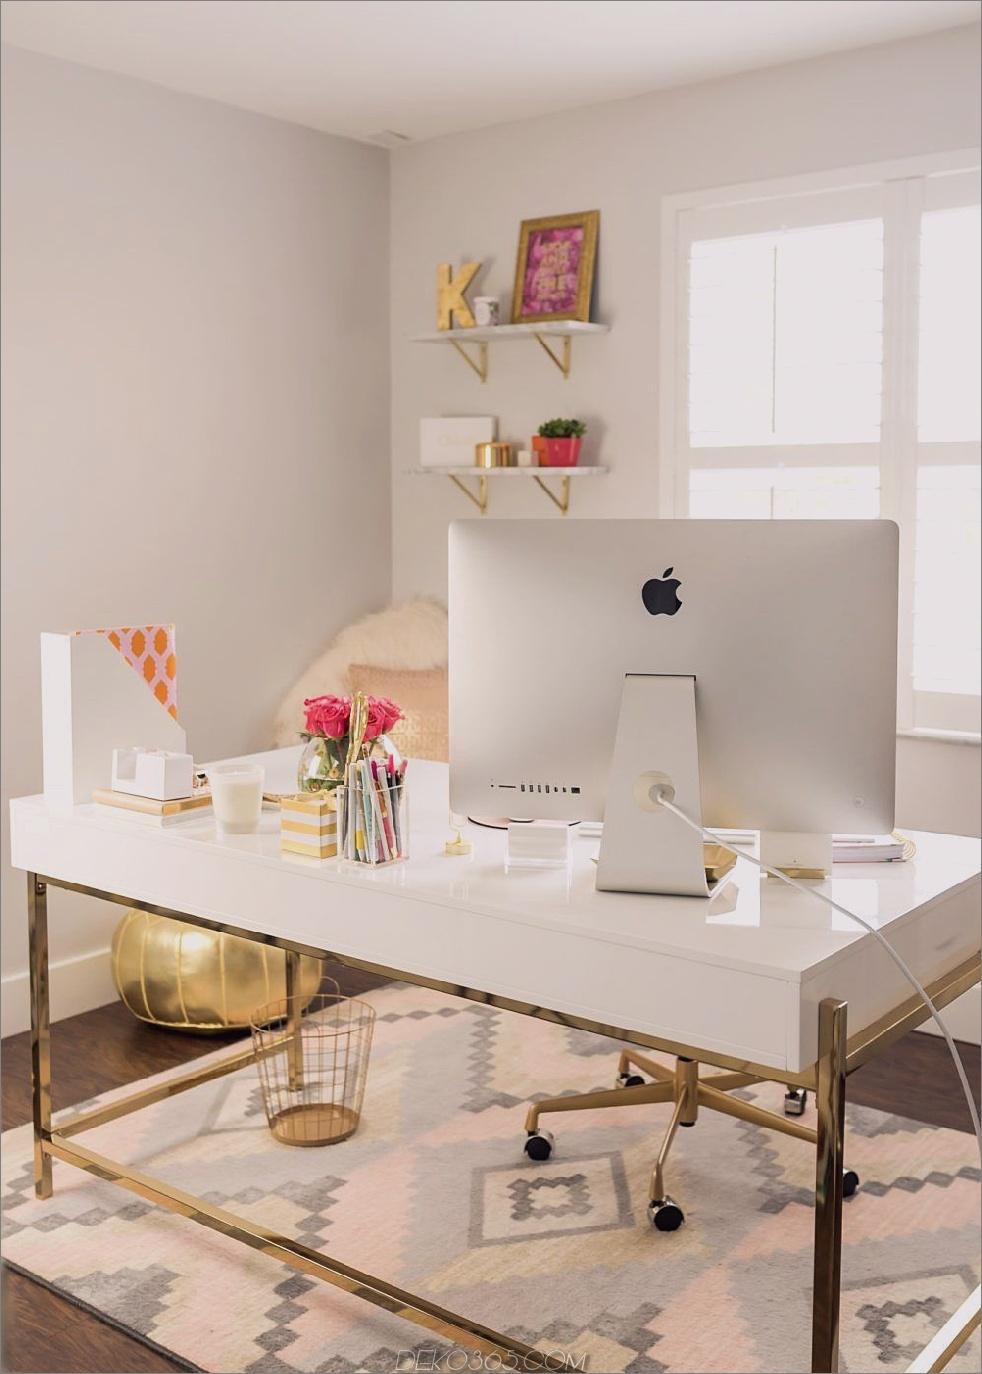 Anstelle eines kalten frivolen Büros erstellen Sie ein gemütliches Büro, indem Sie einen Teppich hinzufügen